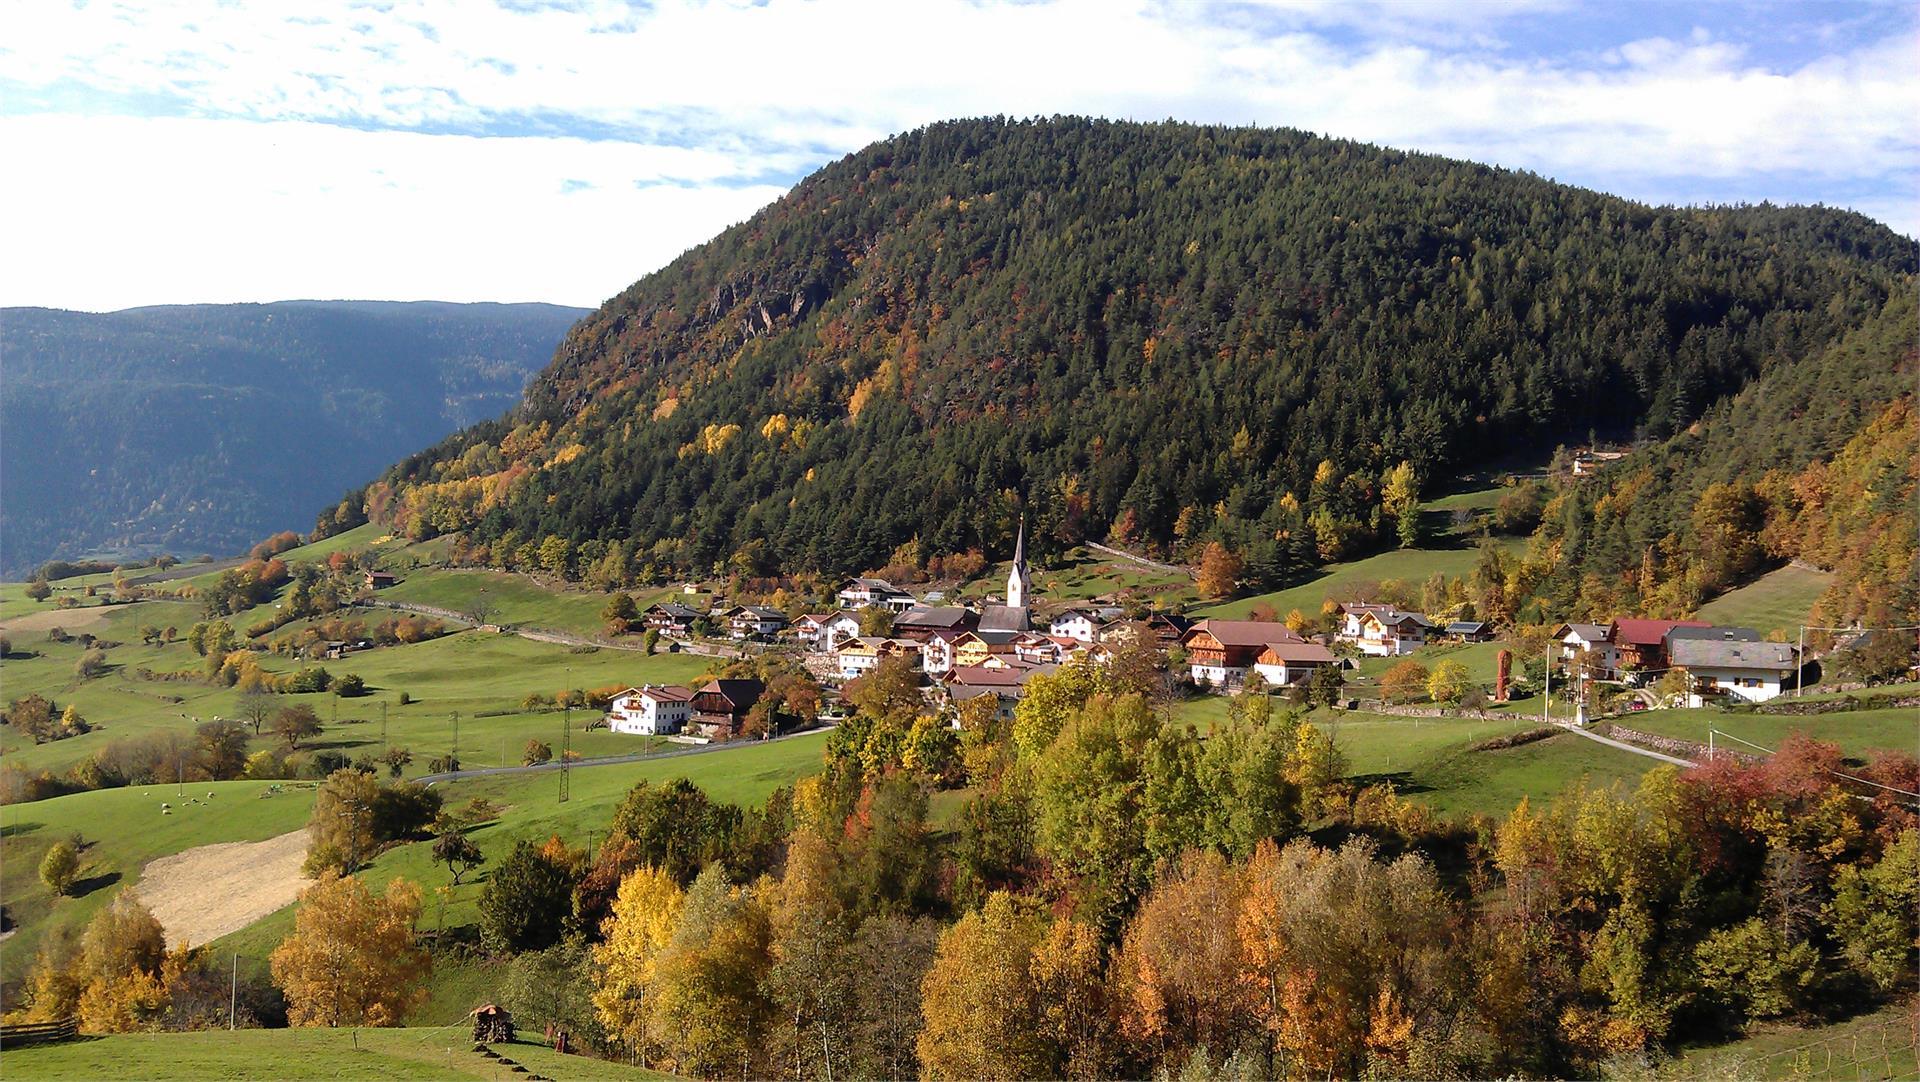 Wunderschöne Herbststimmung in Tisens bei Kastelruth, im Vordergrund links der Paalhof